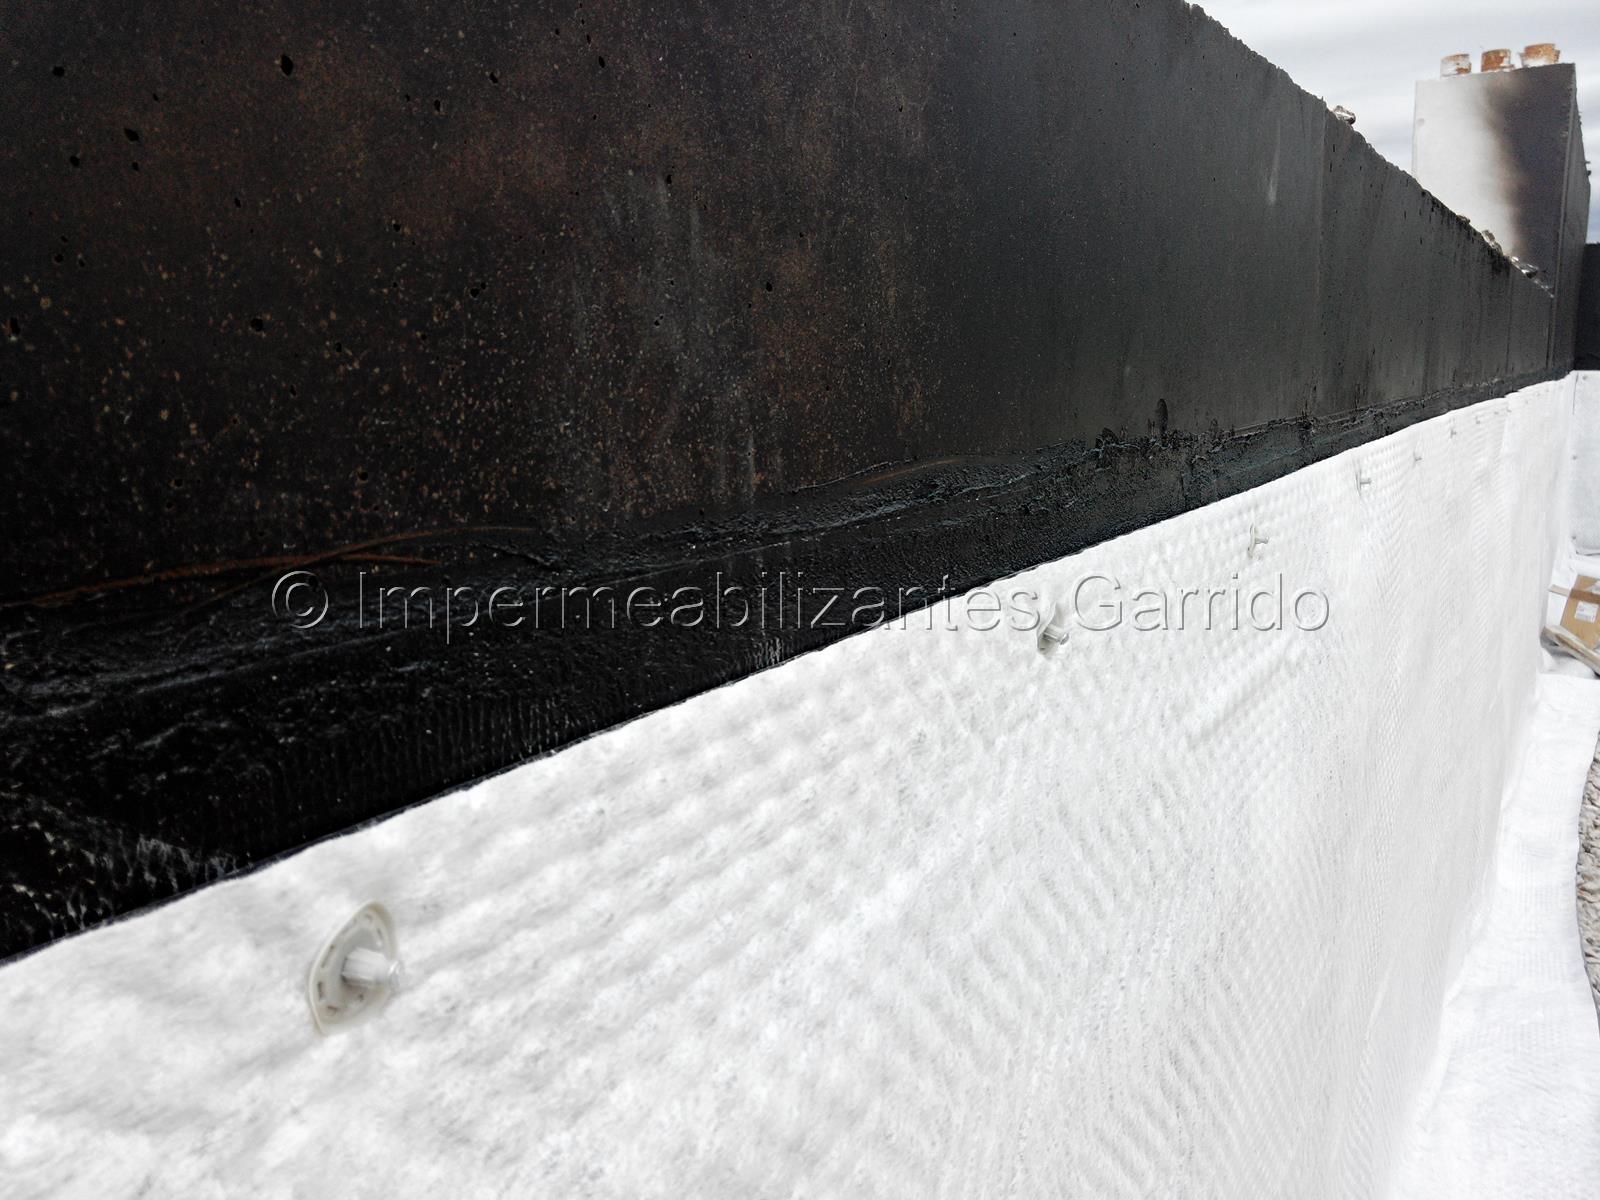 Impermeabilización muros de impermeabilizantes Garrido 1